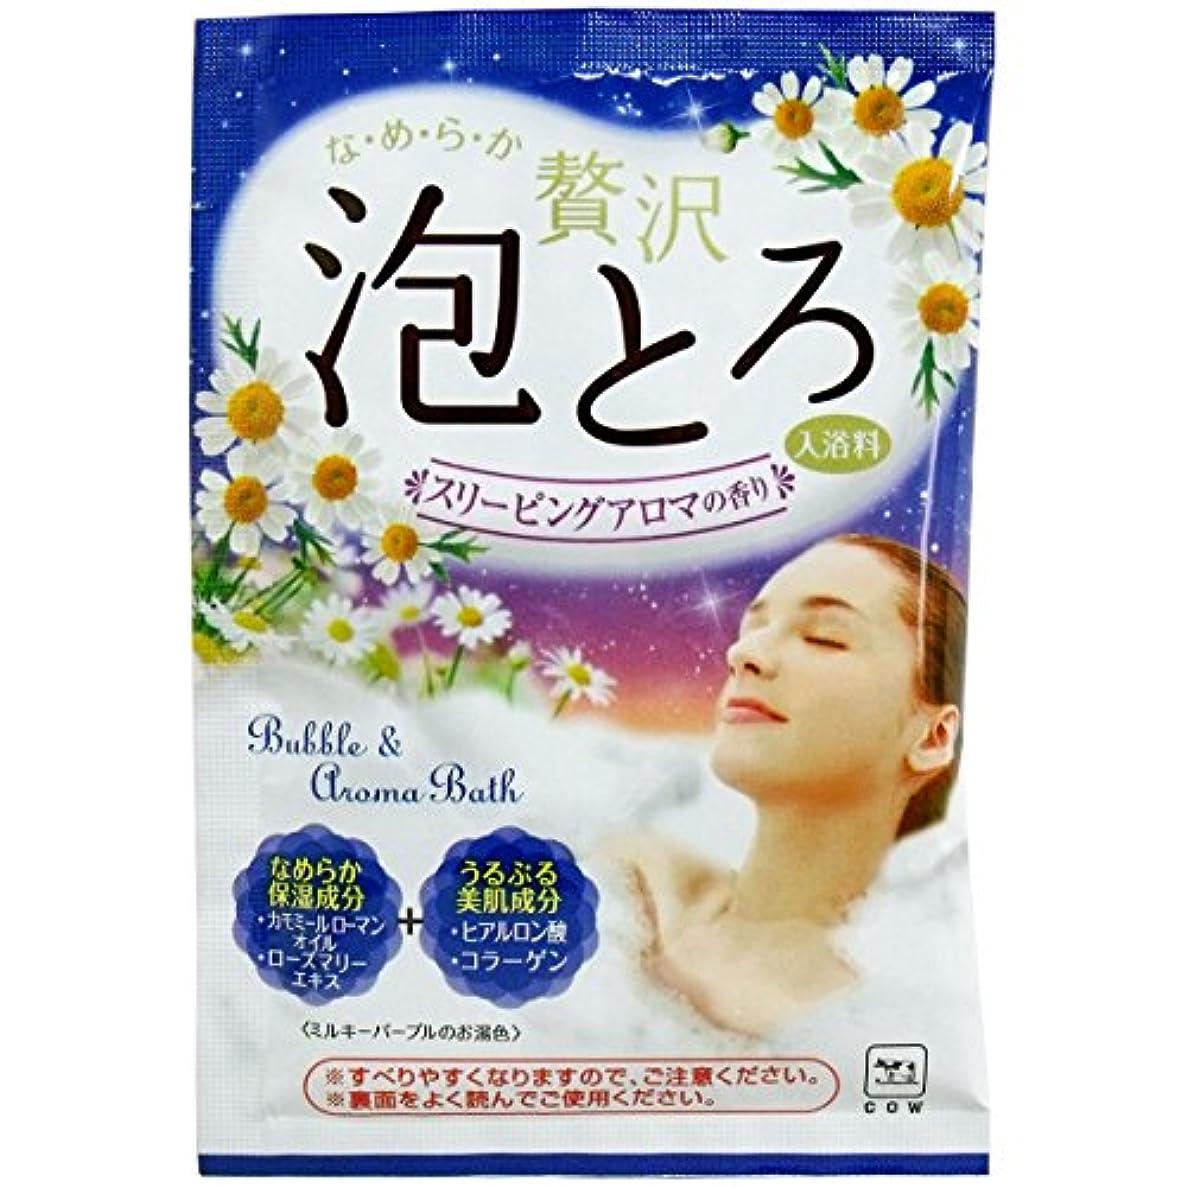 初心者議題テラス贅沢泡とろ 入浴料 スリーピングアロマの香り 30g 【4点セット】